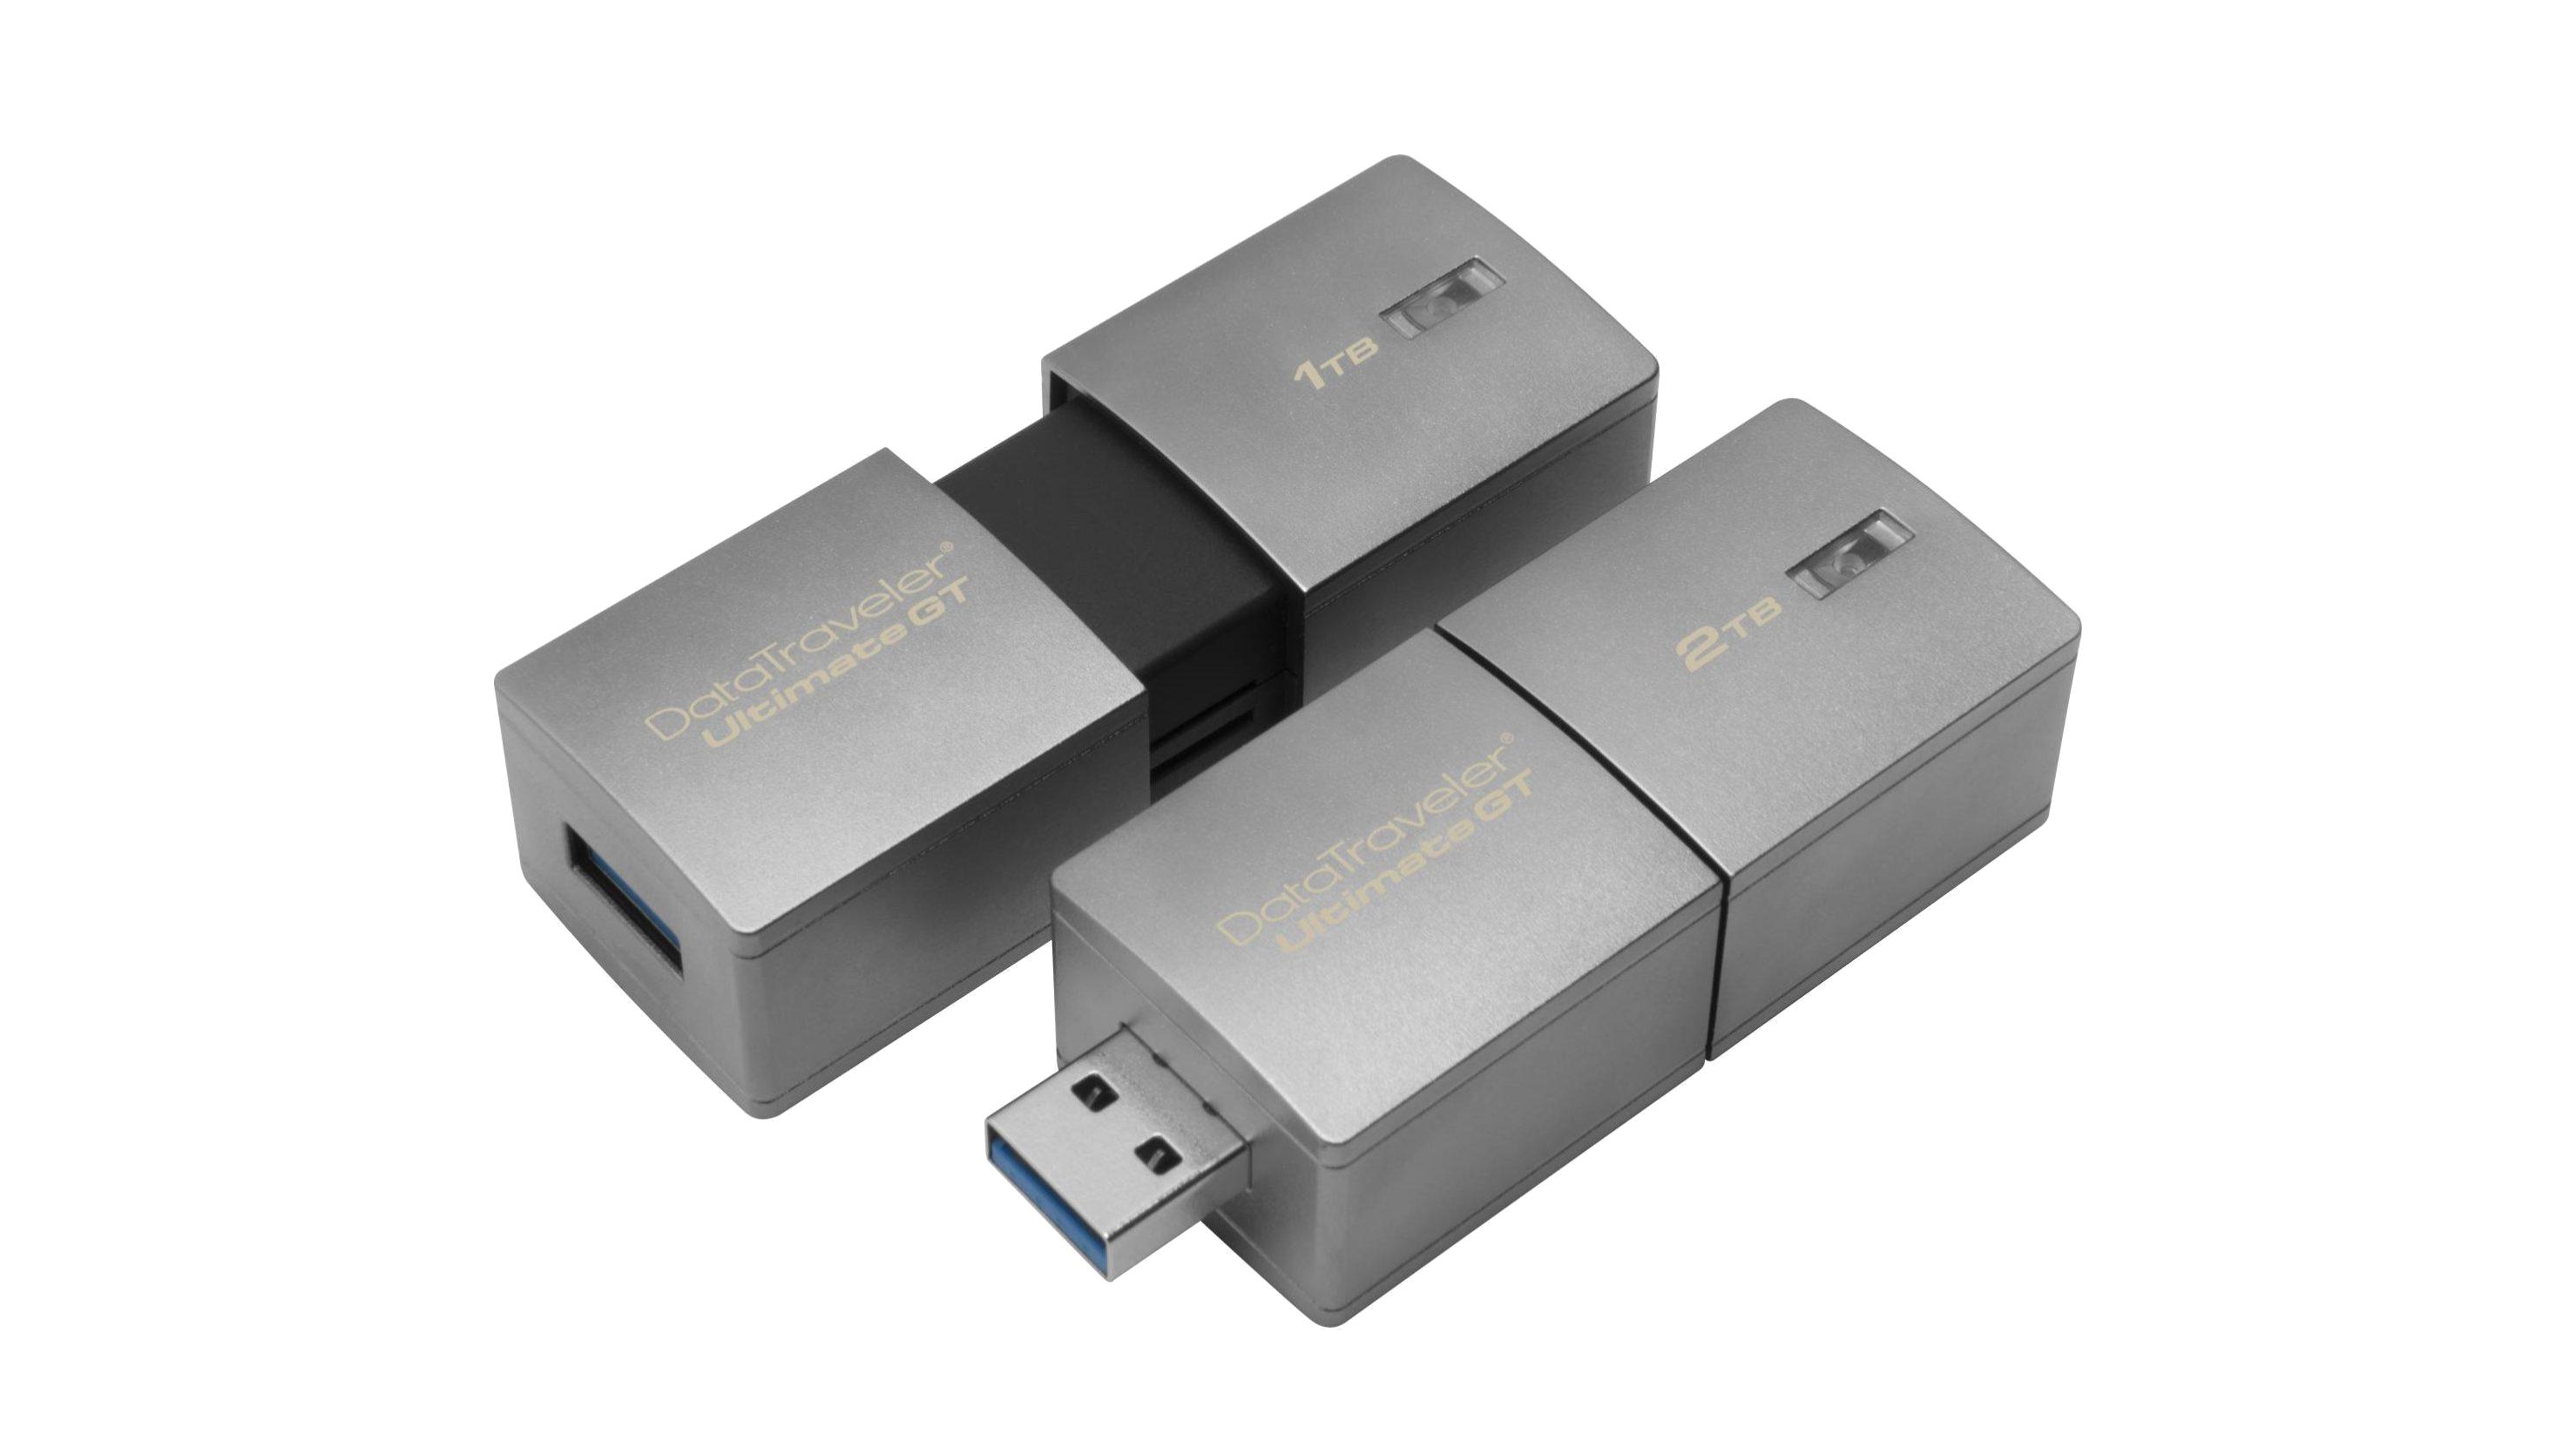 A Kingston Digital lançou uma pendrive com capacidade de 2 TB.